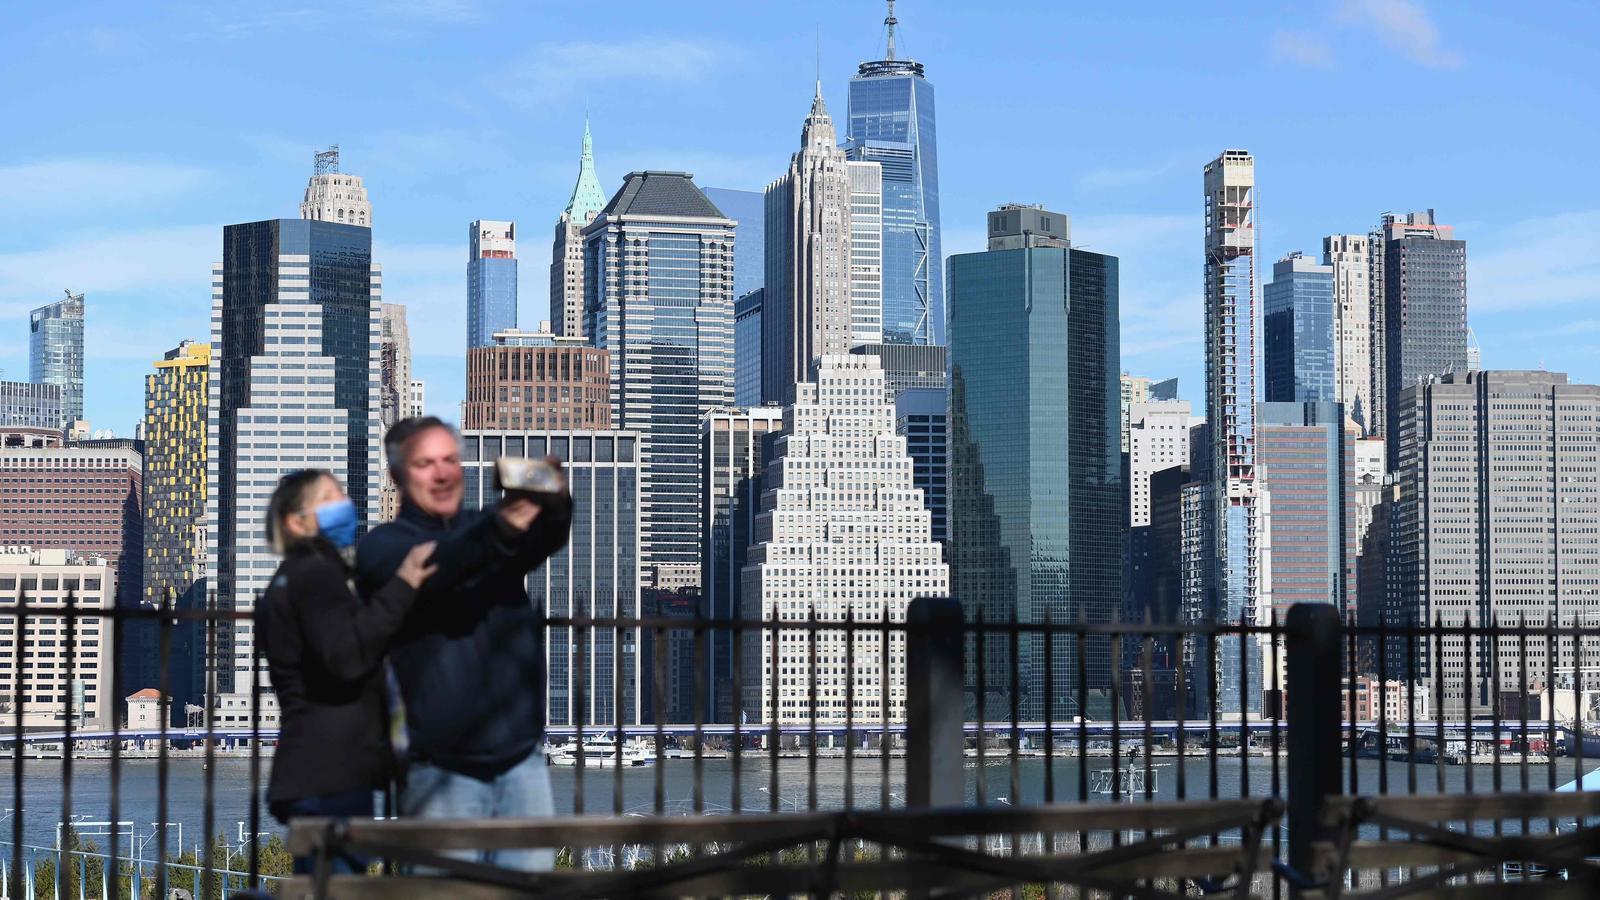 Dues persones es fan una selfie a Manhattan, malgrat l'expansió de la pandèmia a Nova York